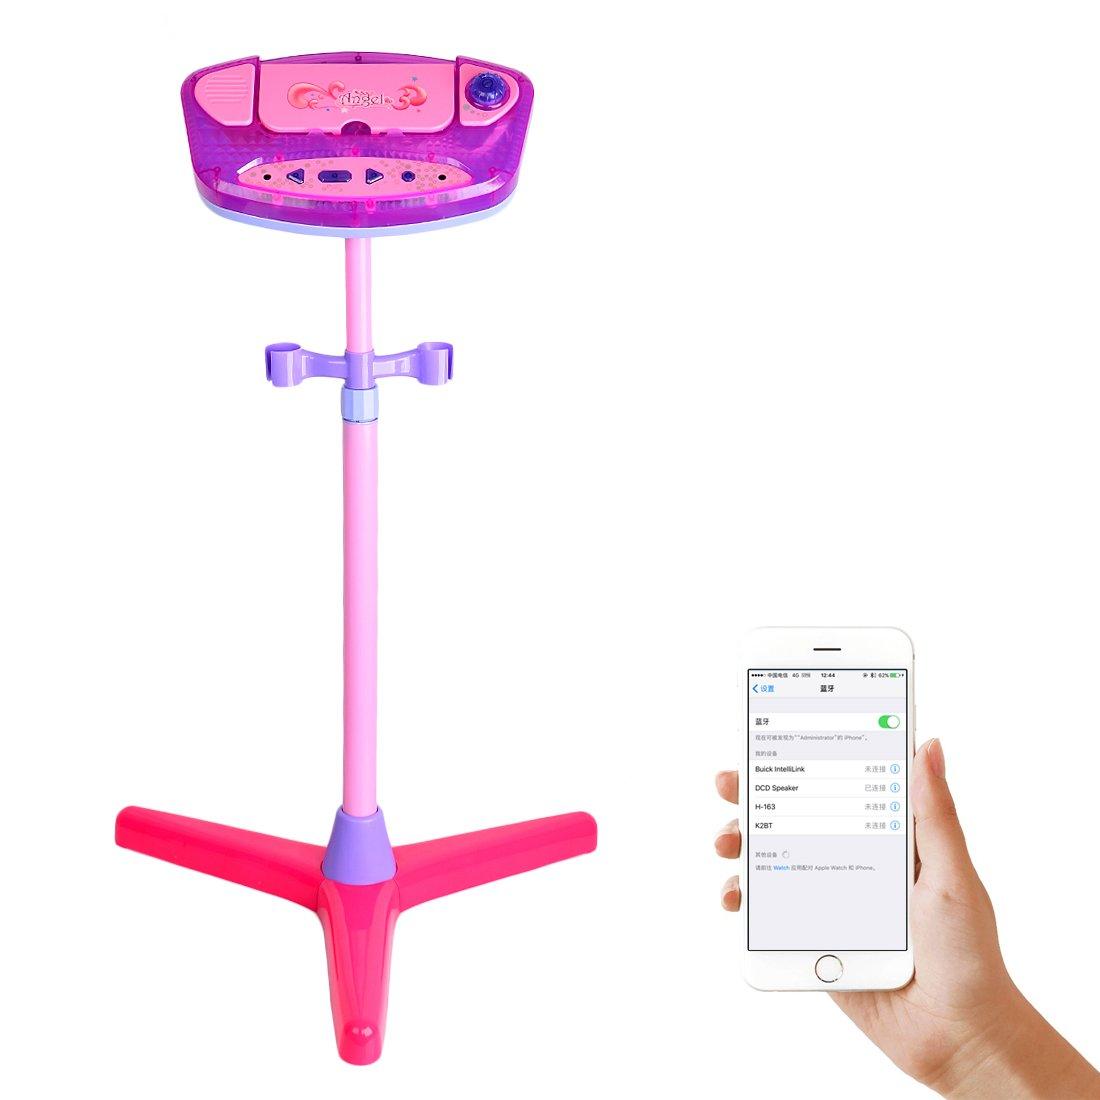 UOPJKL Kinder Karaoke Mikrofon mit Verstellbarer Standfuß und 2 Microphone Kinder Karaoke Maschine mit Bluetooth für Kinder Kleinkind (Rosa)